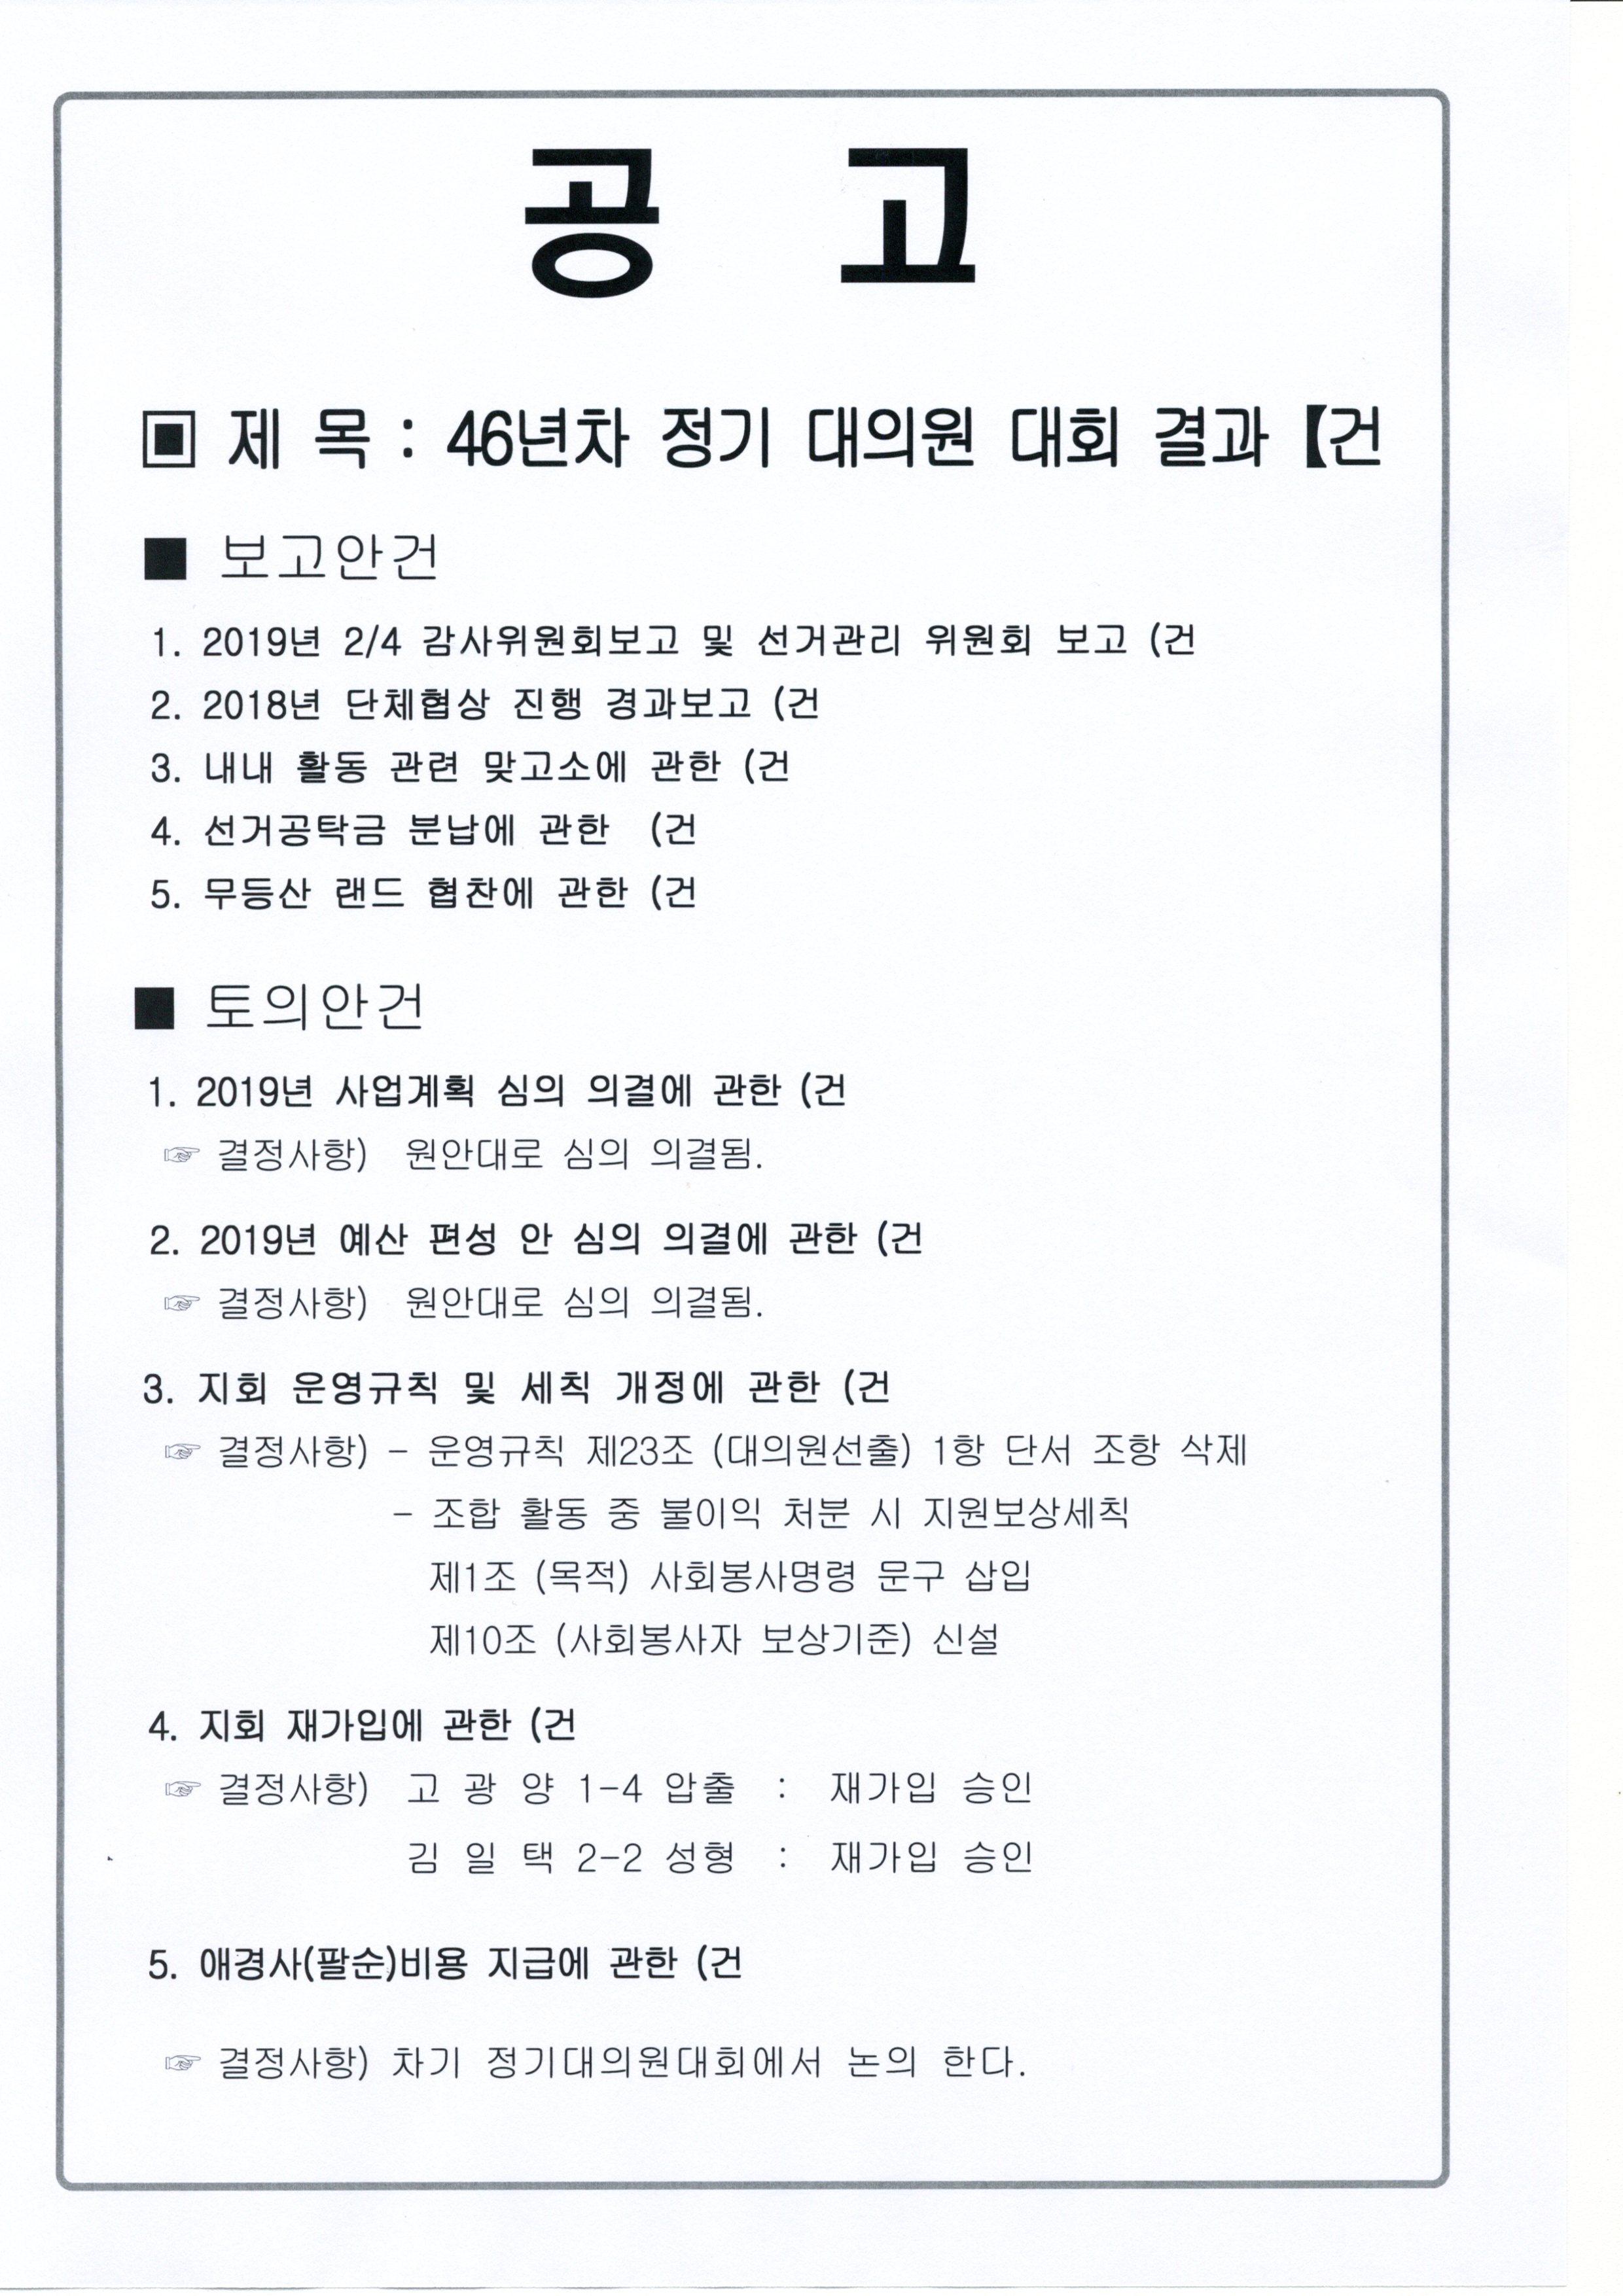 정대결과1039.jpg